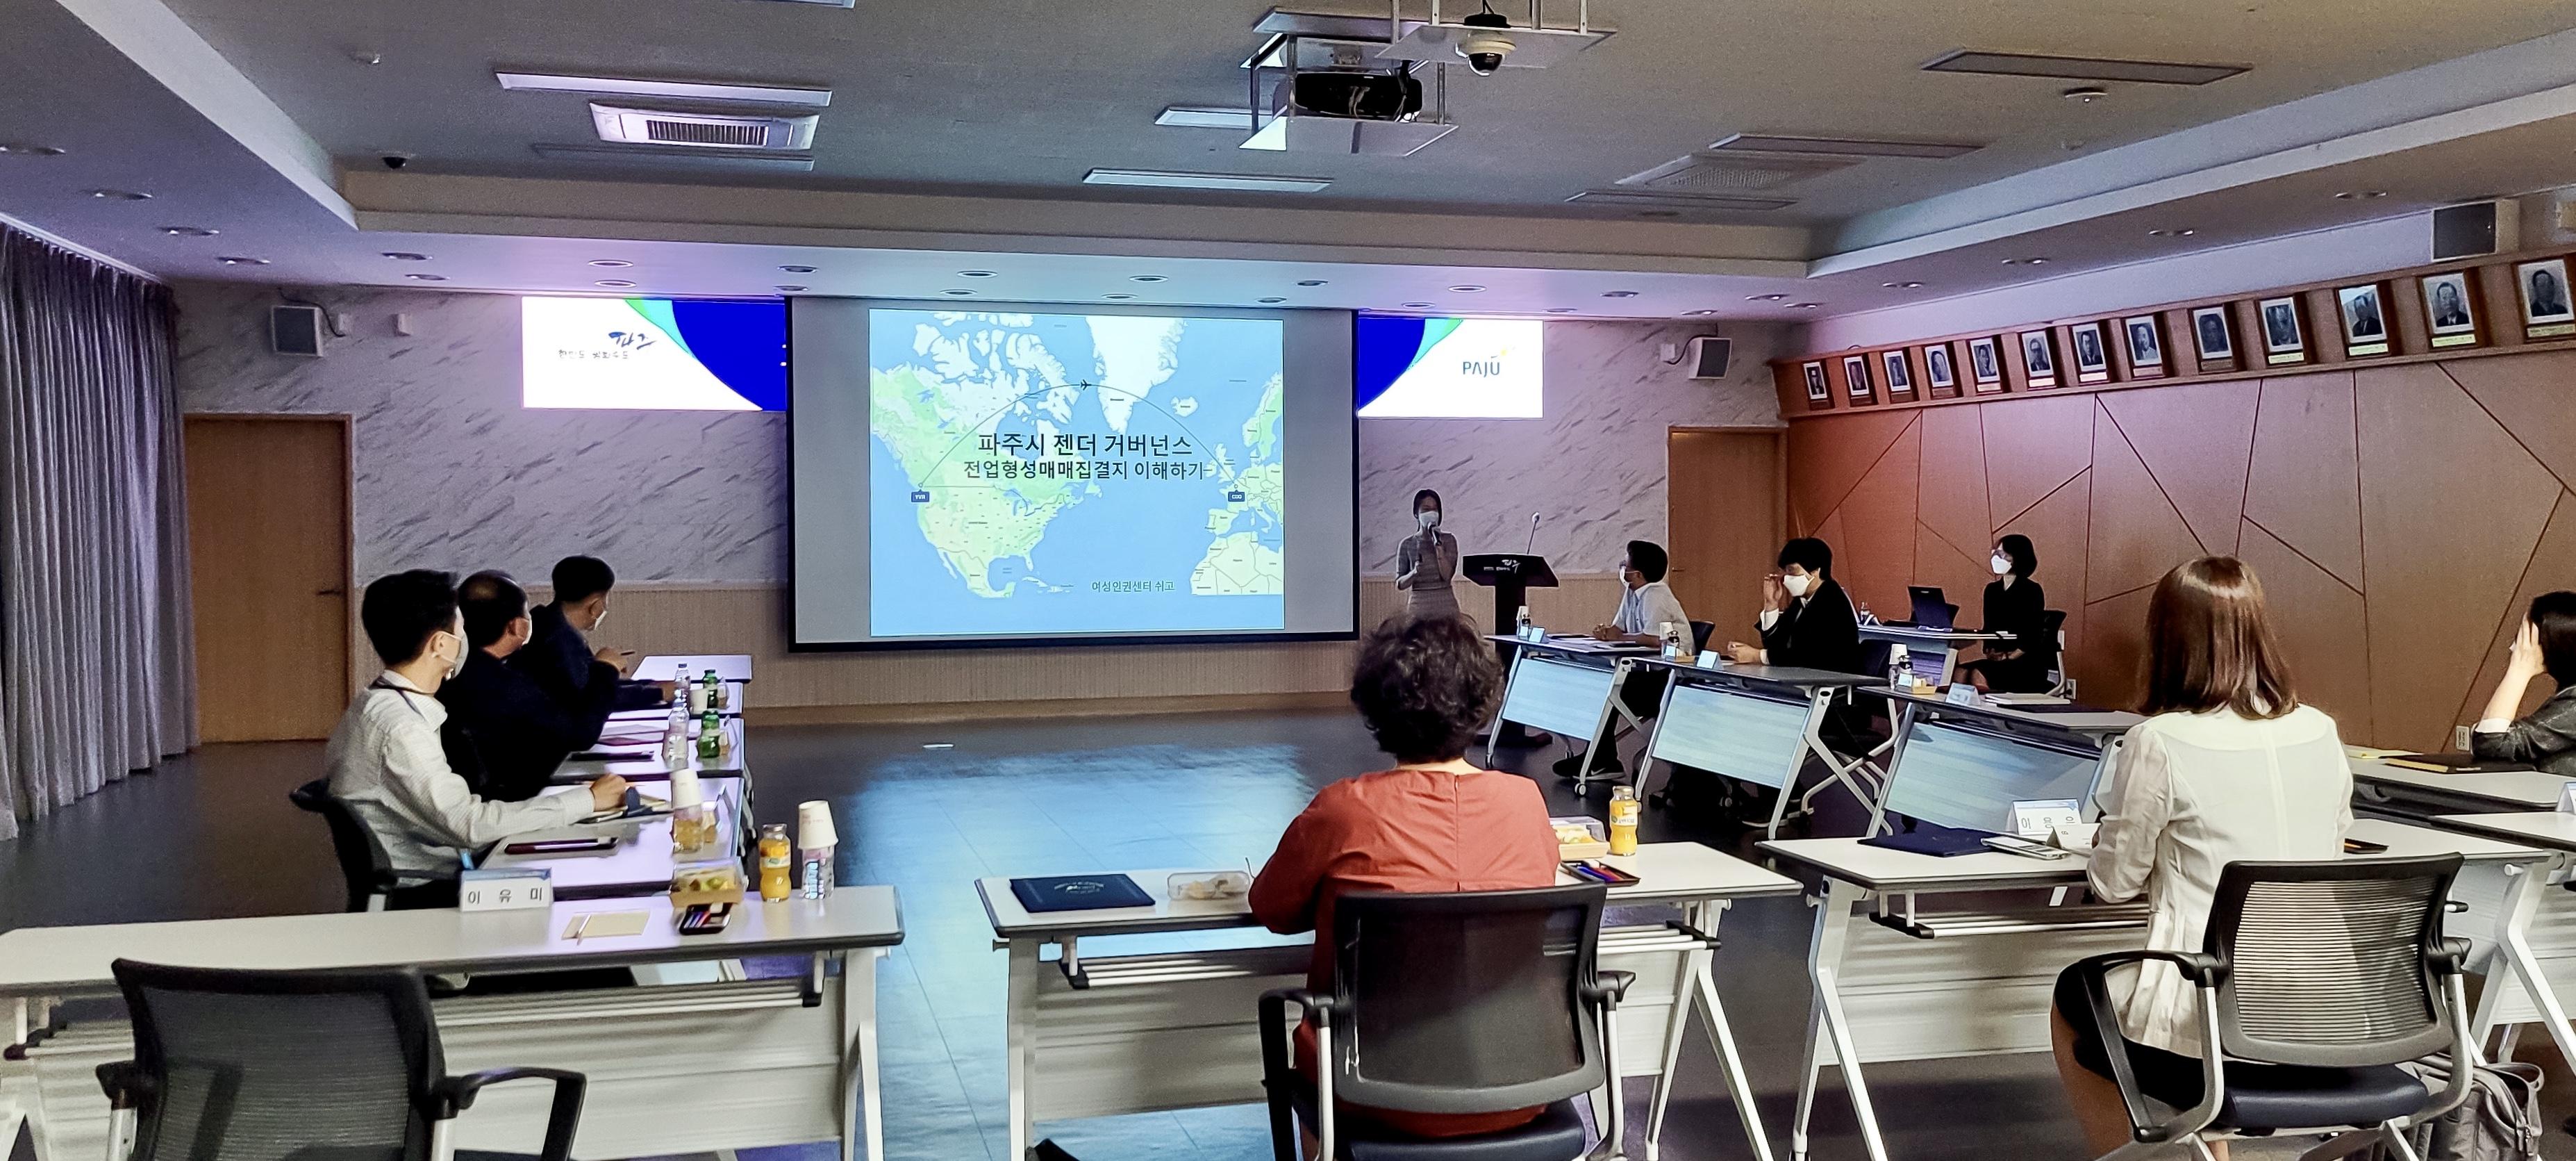 경기도가족여성연구원, 성매매 근절을 위한 젠더거버넌스 워크숍 개최